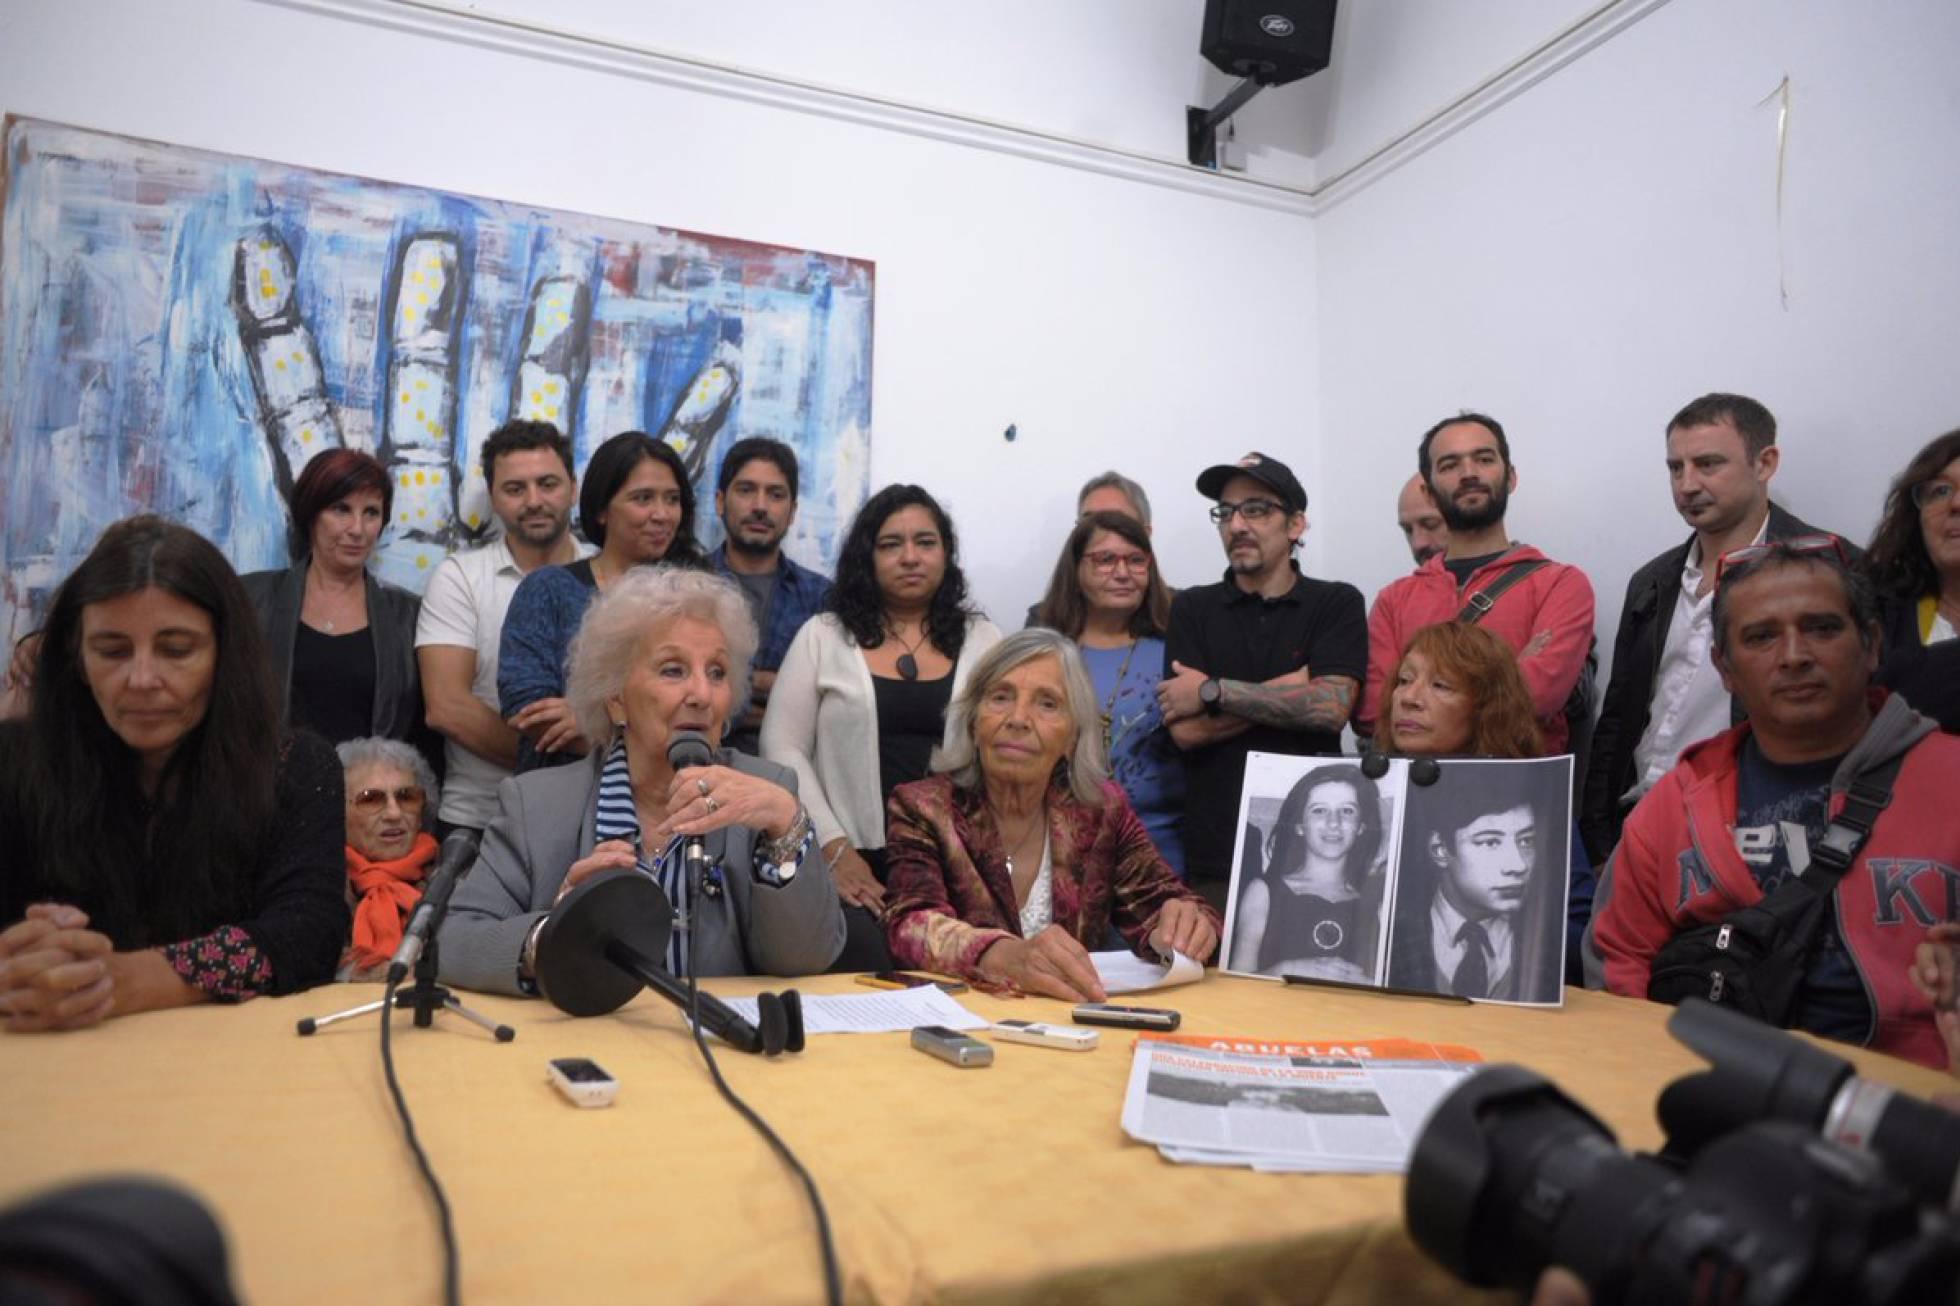 Argentina: Relata Videla sobre el golpe militar y sus mentores... 1493146970_438571_1493148238_noticia_normal_recorte1